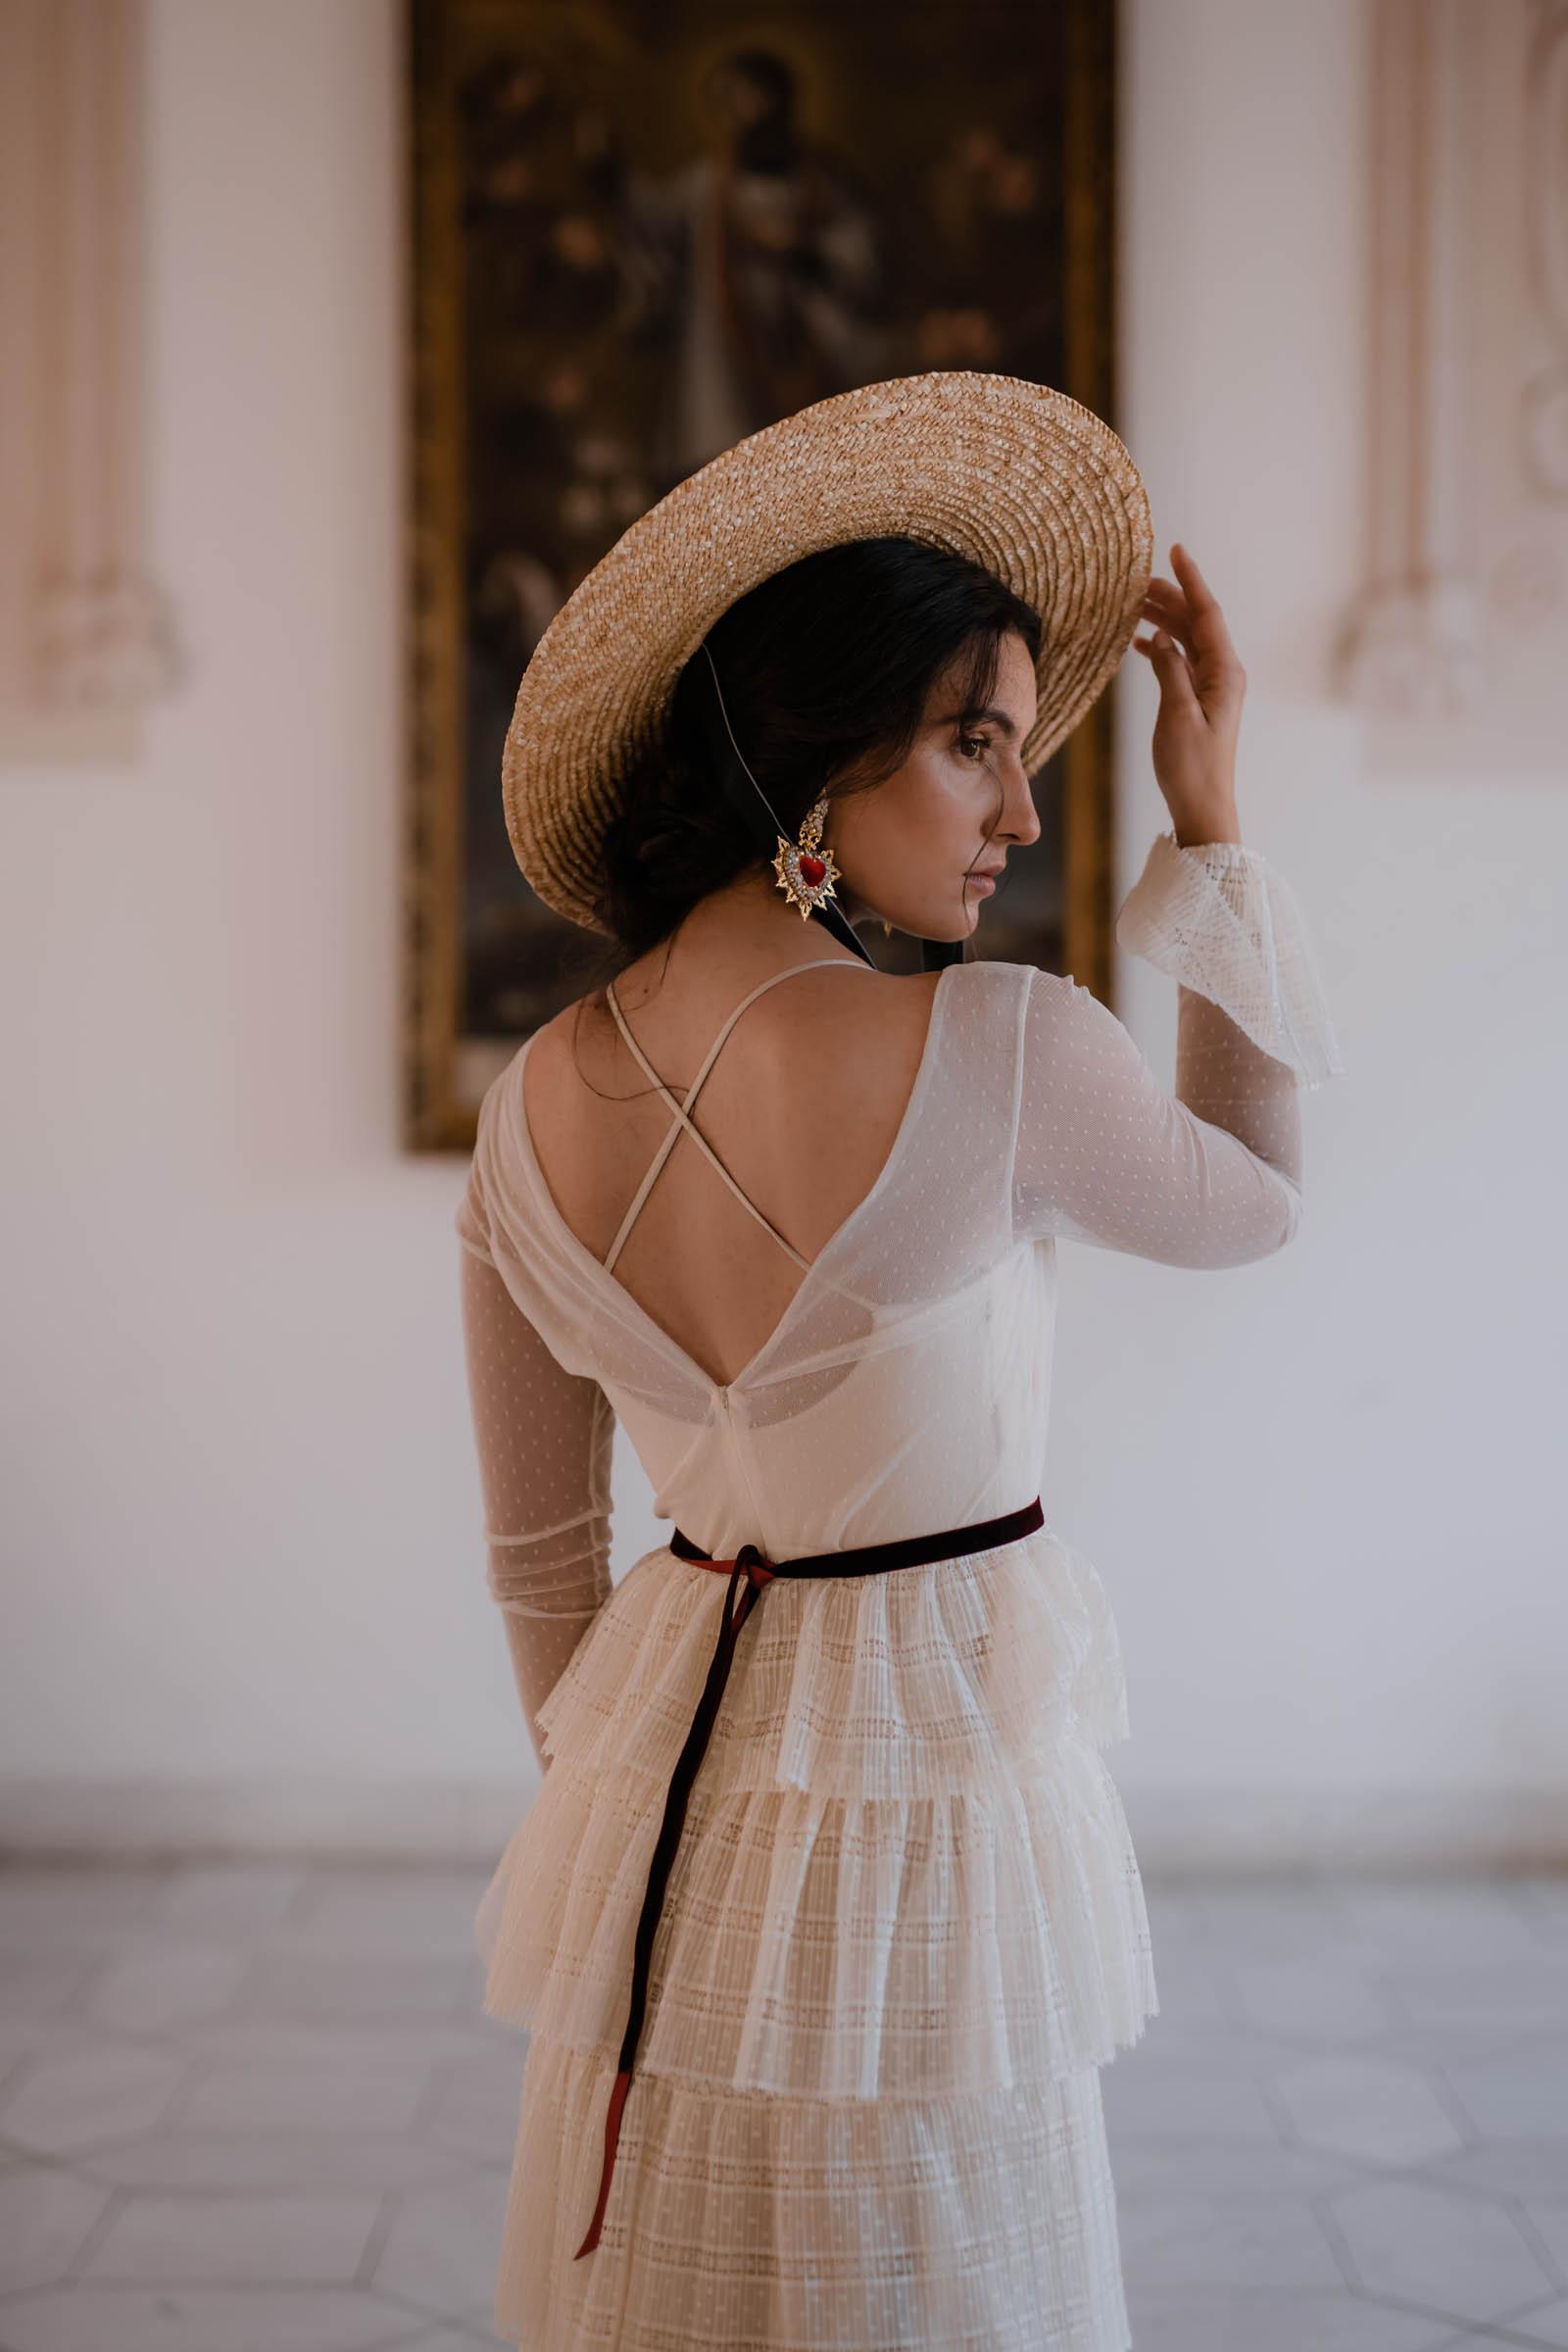 boho-svadobne-saty-veronika-kostkova-wedding-atelier-2019-noa-2